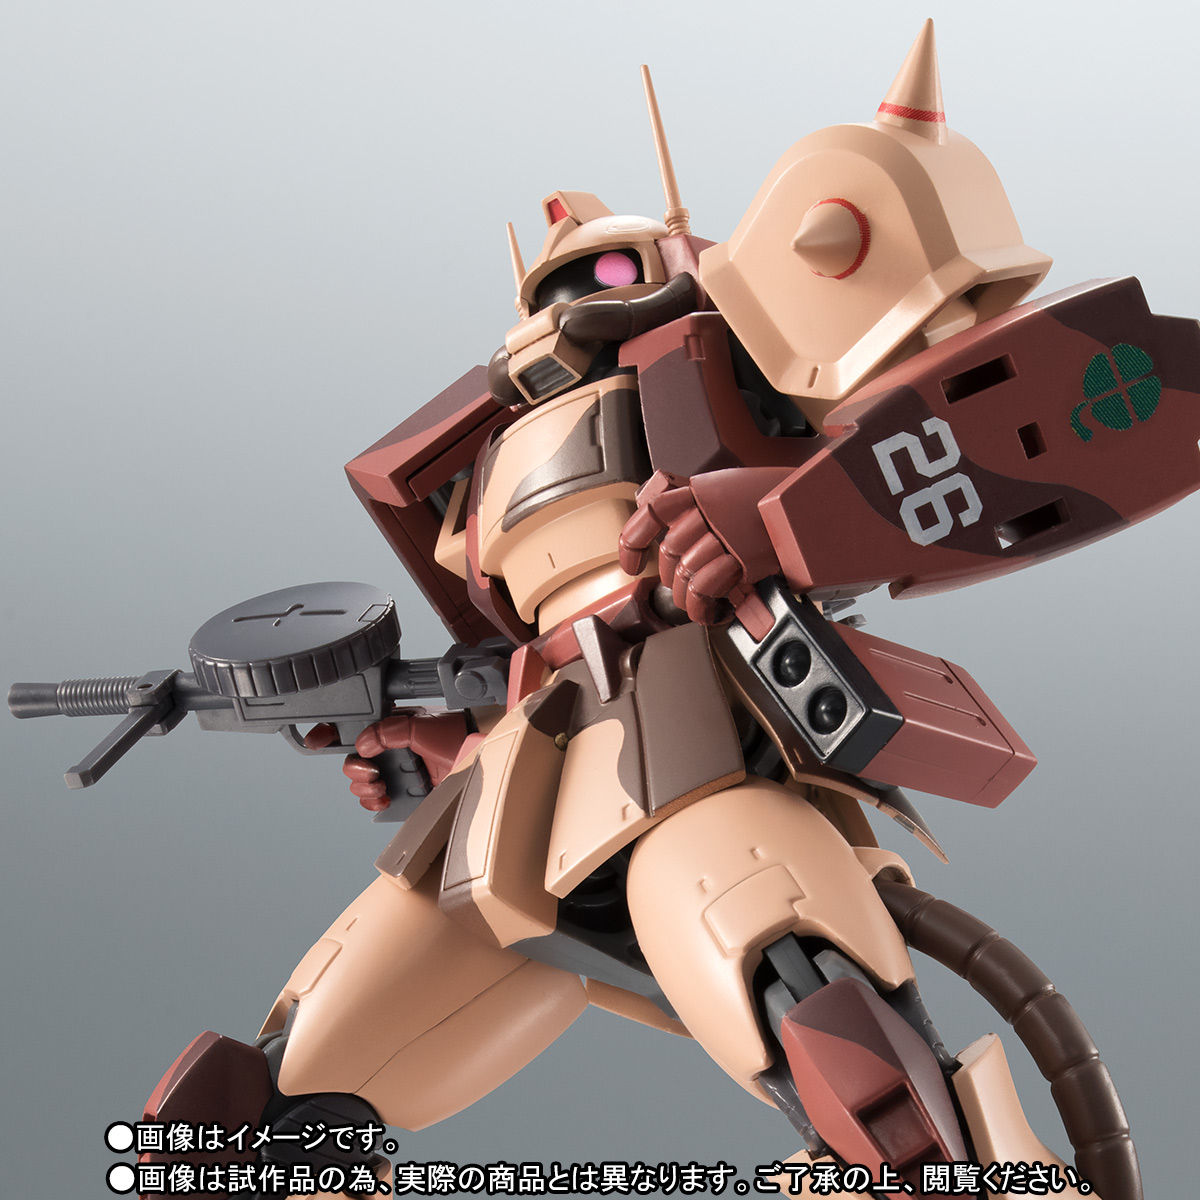 ROBOT魂〈SIDE MS〉『MS-06D ザク・デザートタイプ カラカル隊所属機』ガンダム モビルスーツバリエーション(MSV)可動フィギュア-001